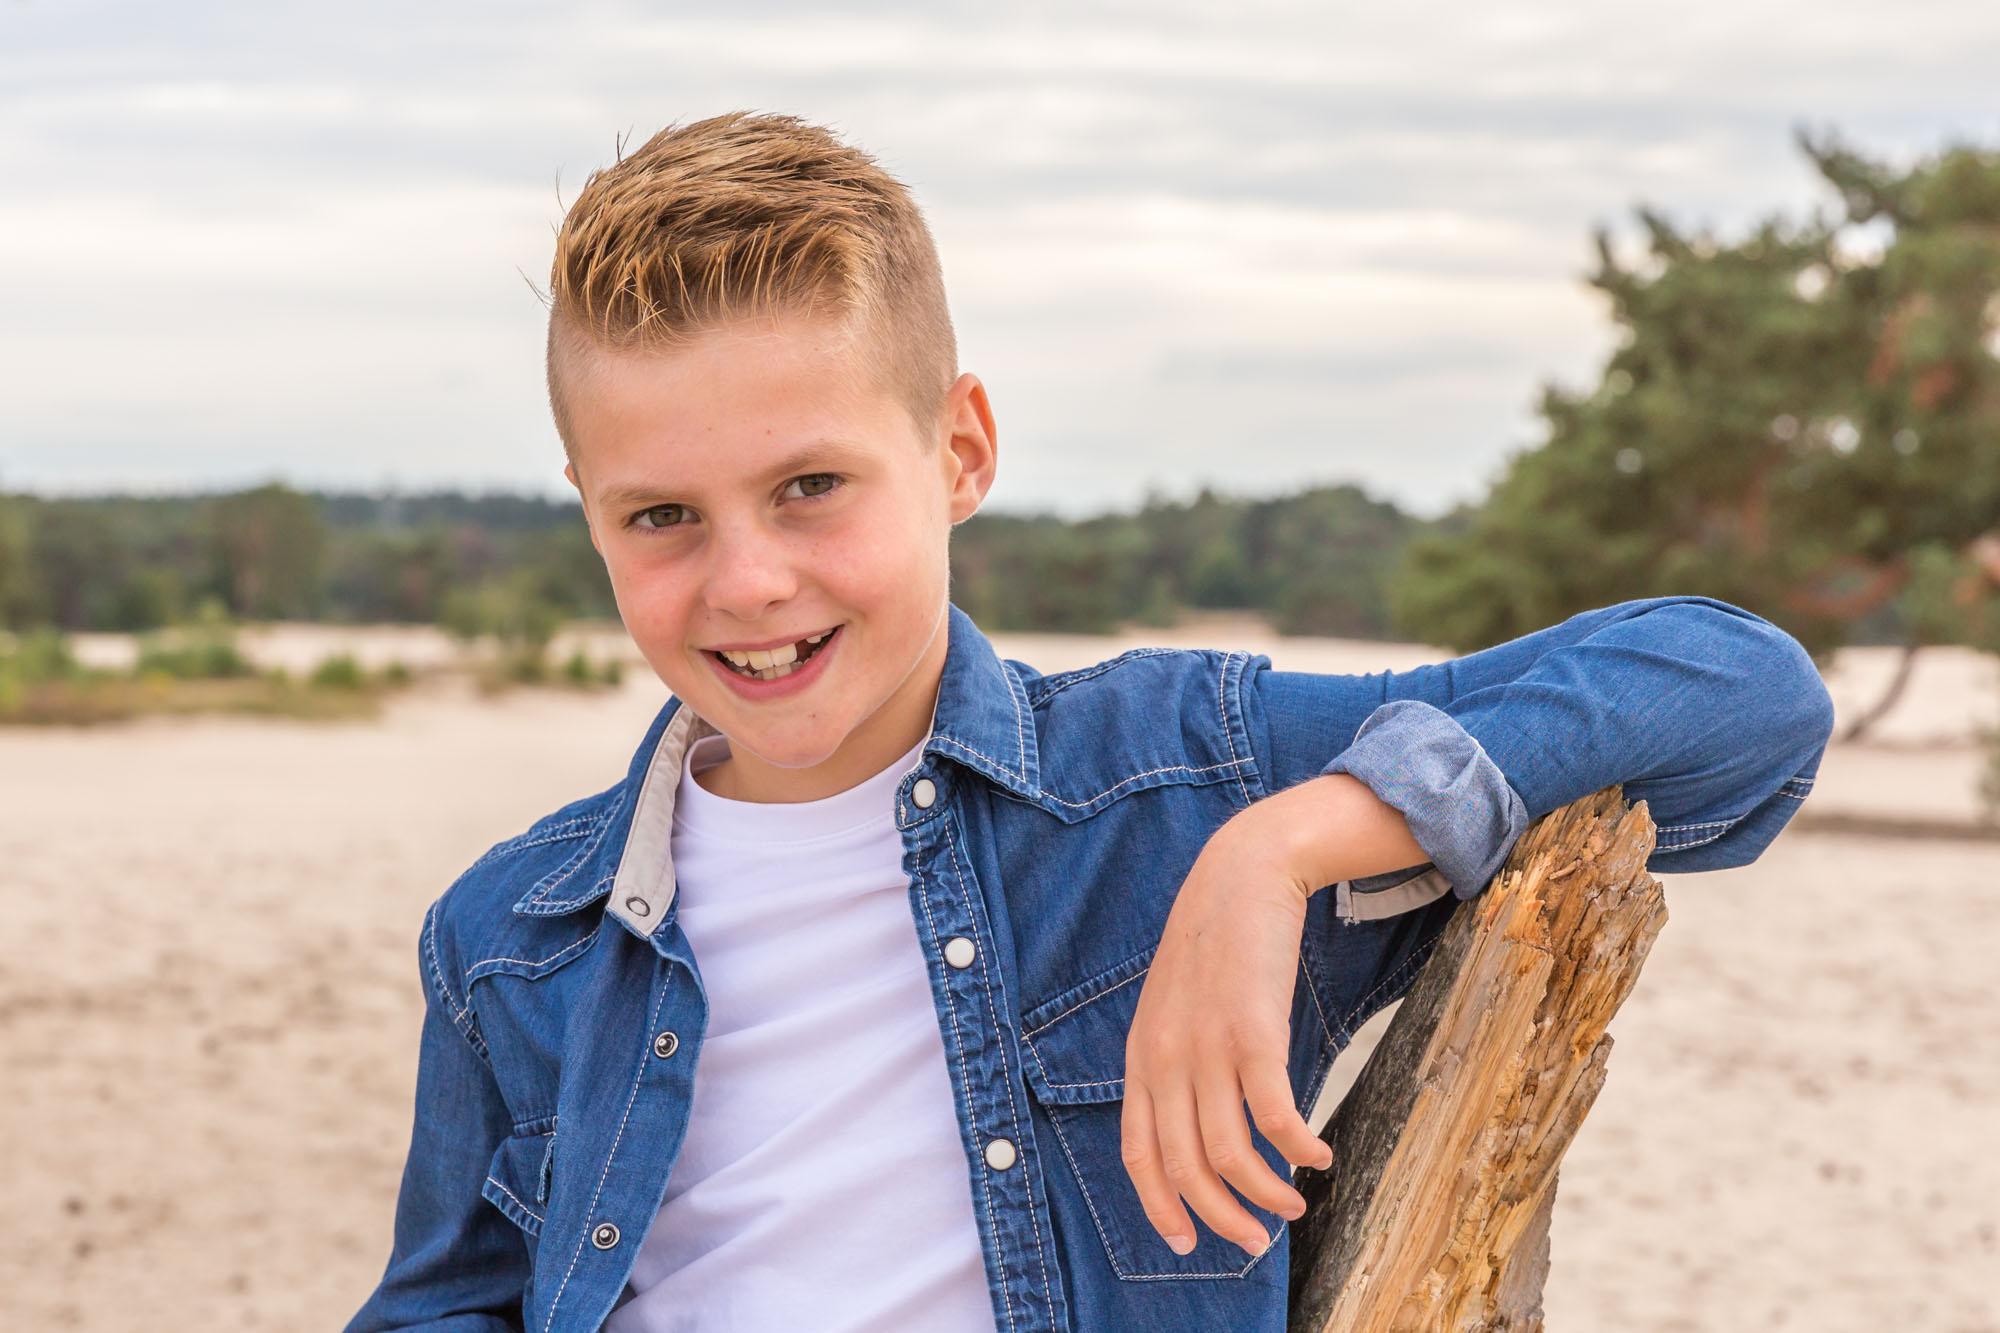 kind portret van blonde jongen bij boomstronk door mayrafotografie